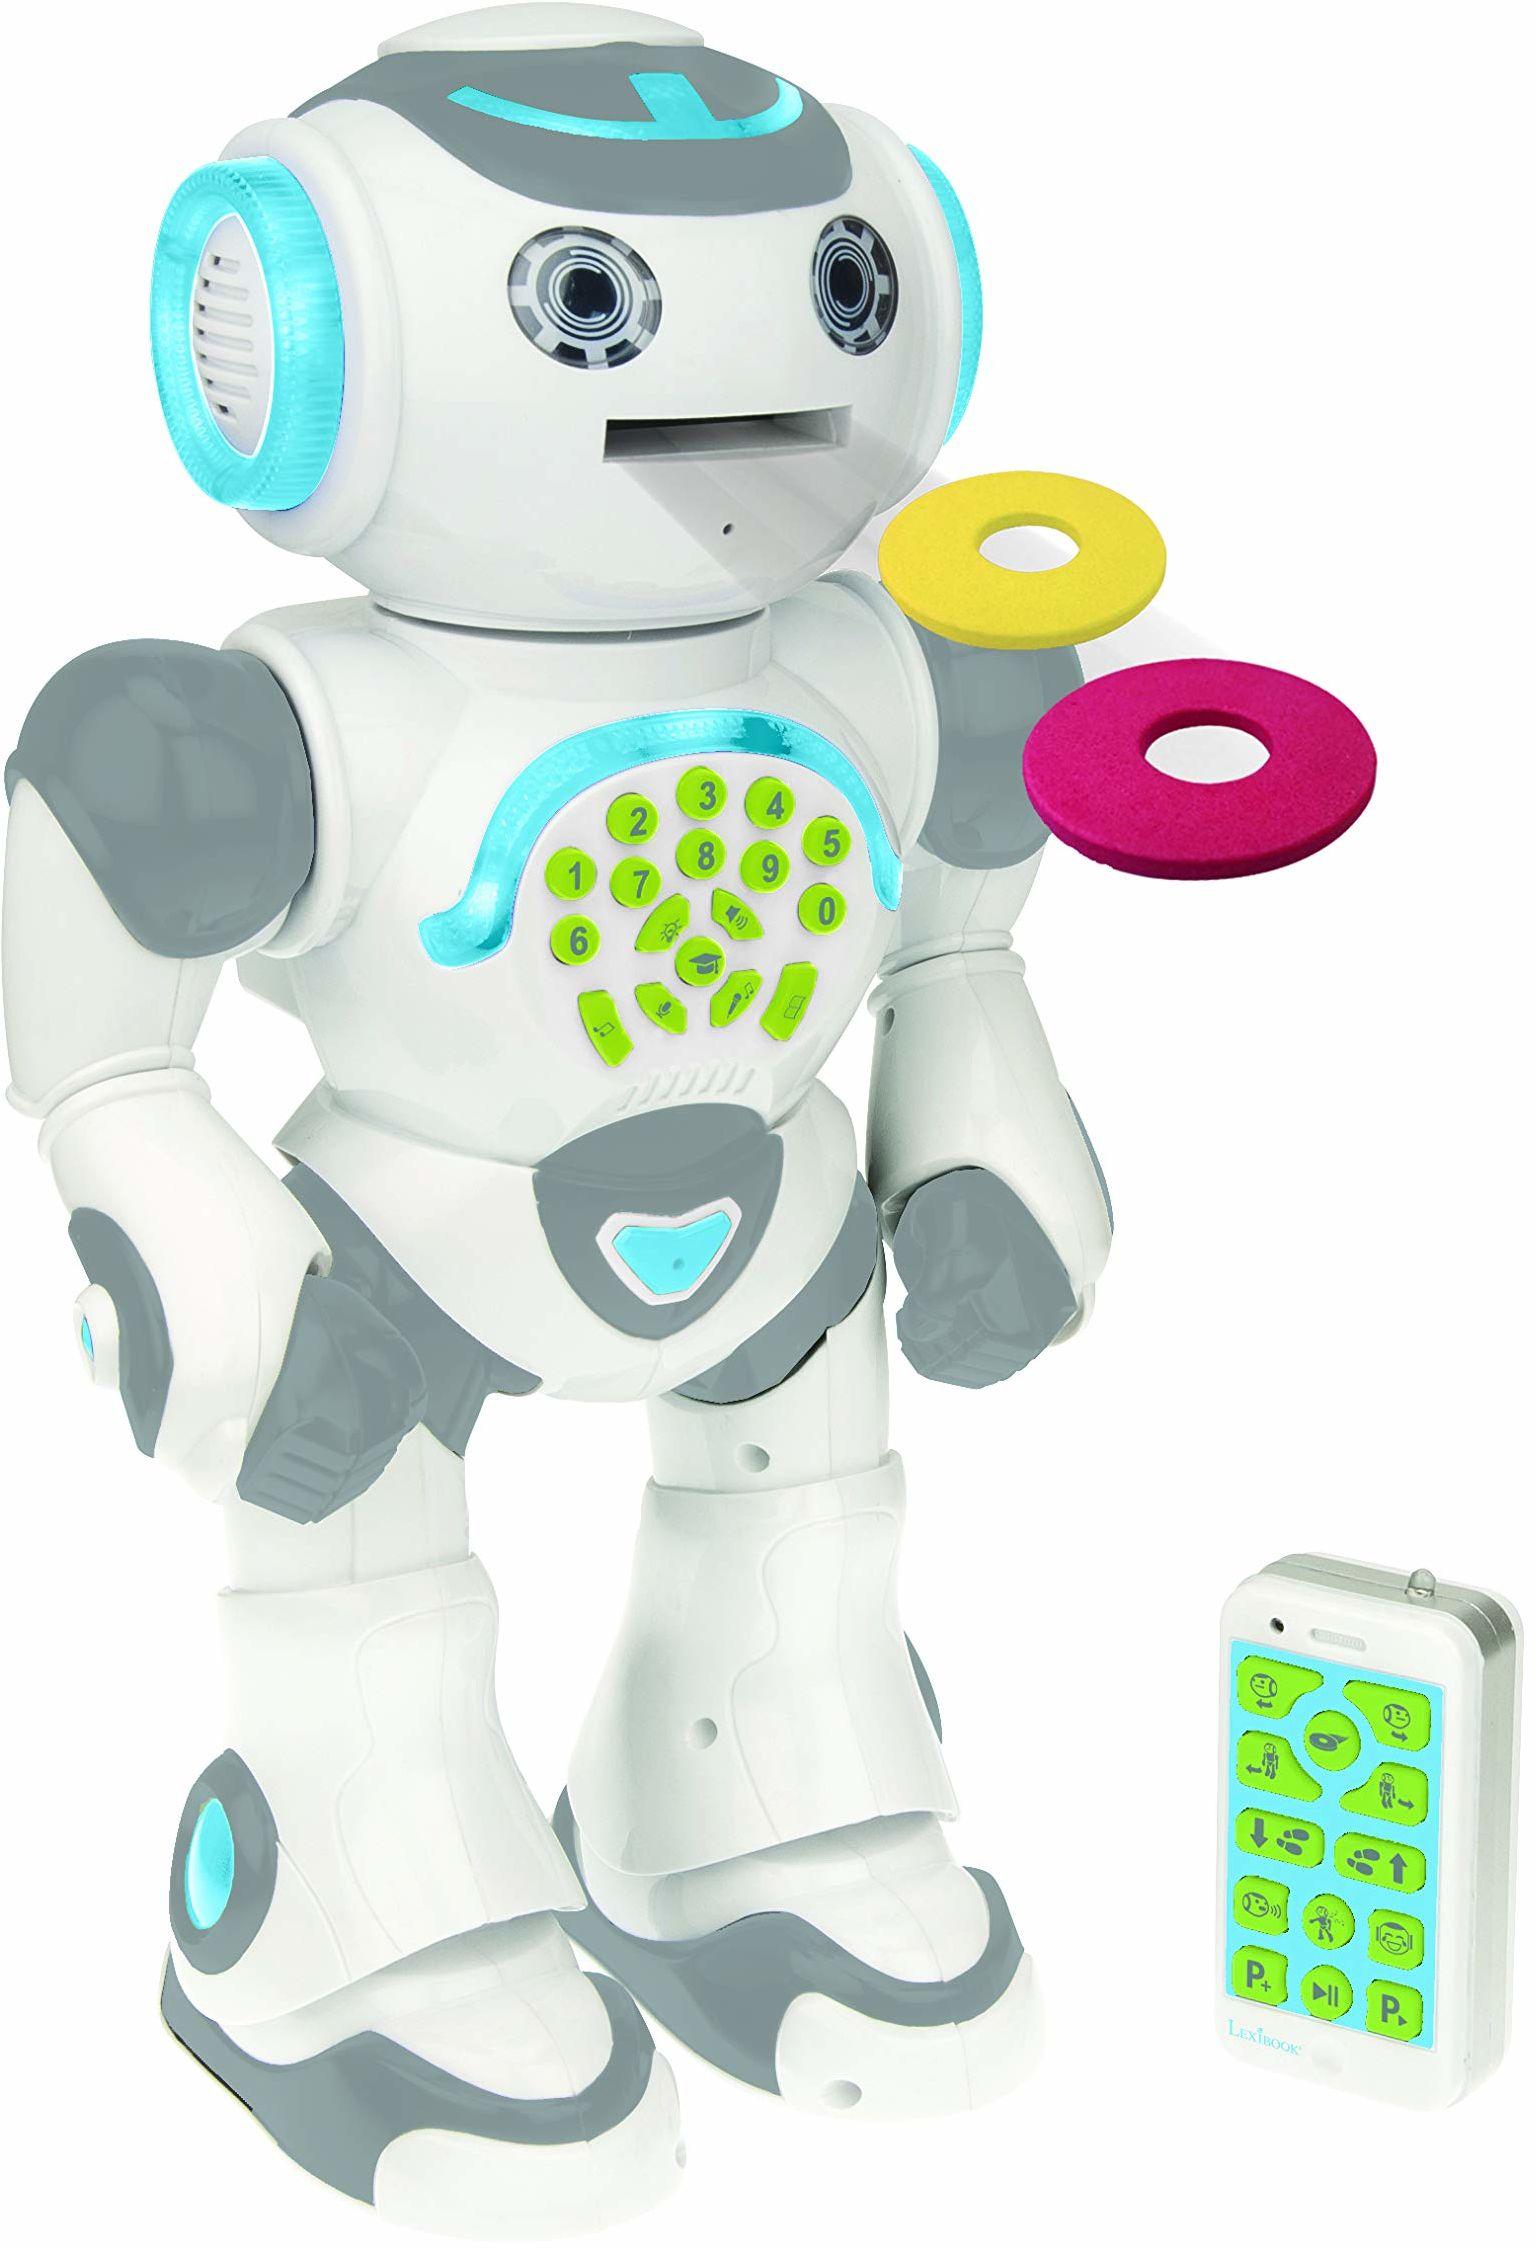 Lexibook ROB80FR Powerman Max-Robot éducatif programowalny Jouer apprendre-Jouet Pour garçons et Filles-Parle en français, Danse, Musique, STEM, raconte histoires, Lance des disques